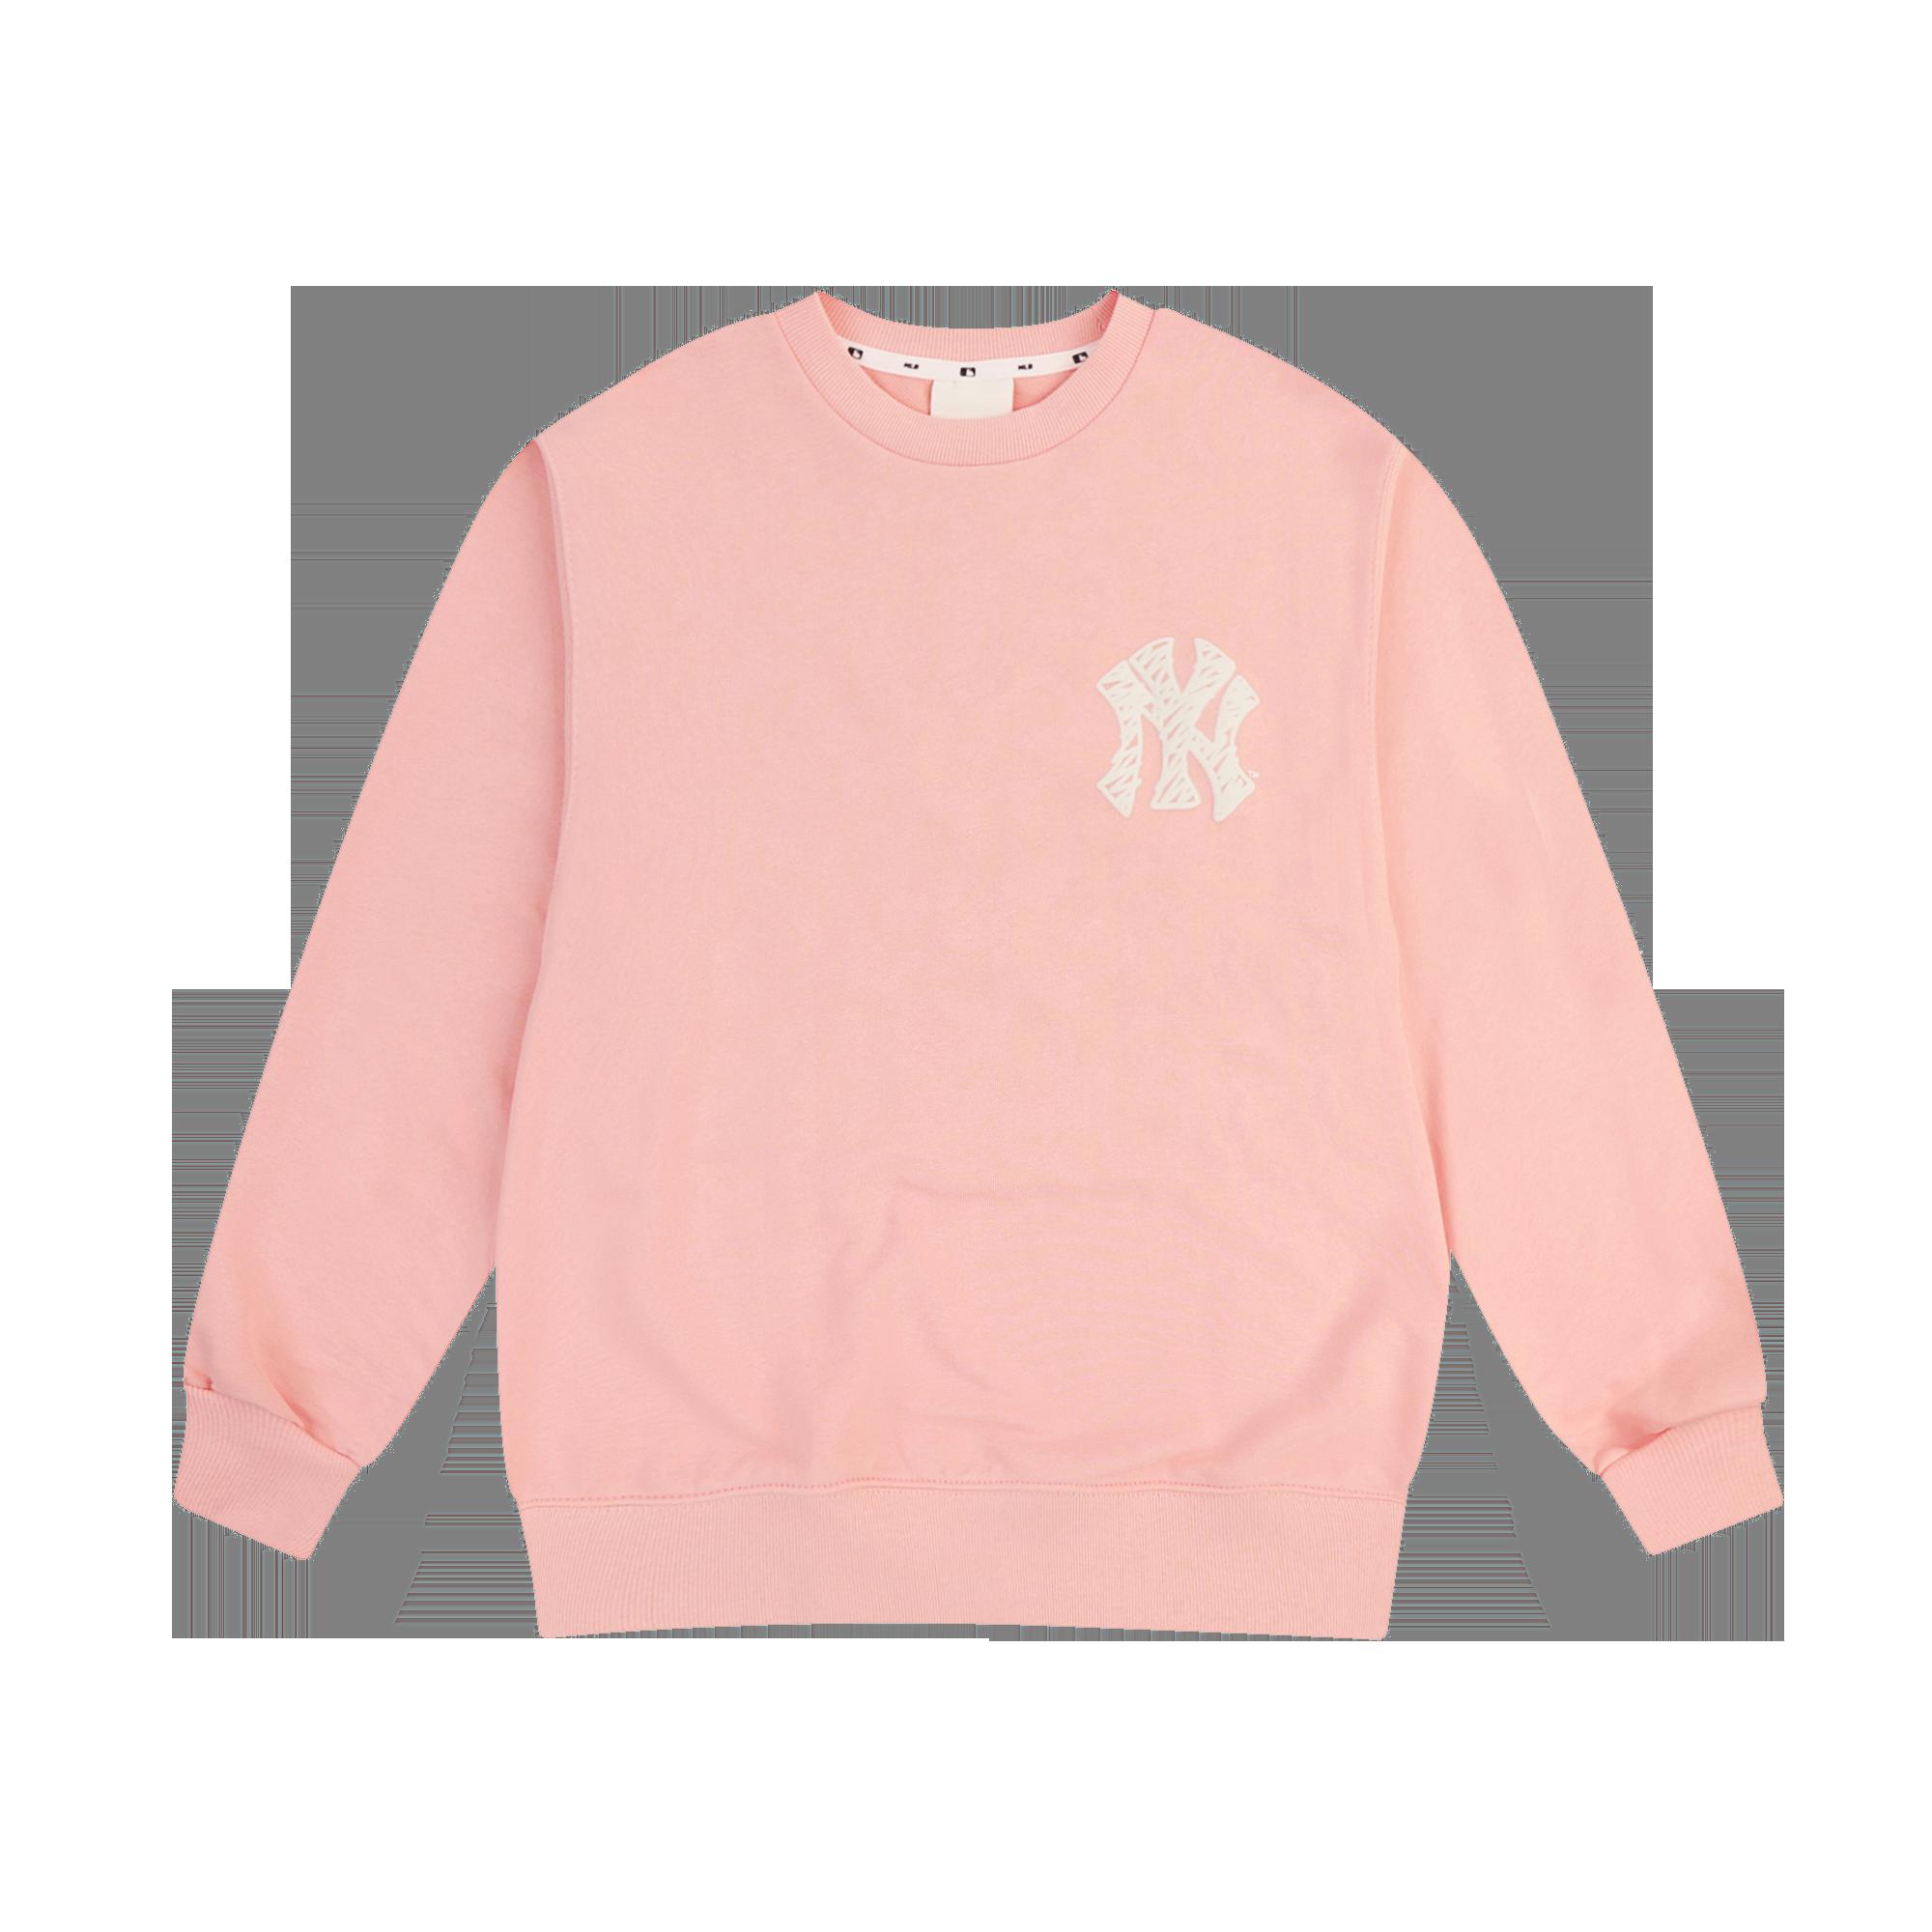 뉴욕양키스 MLBLIKE 오버핏 맨투맨